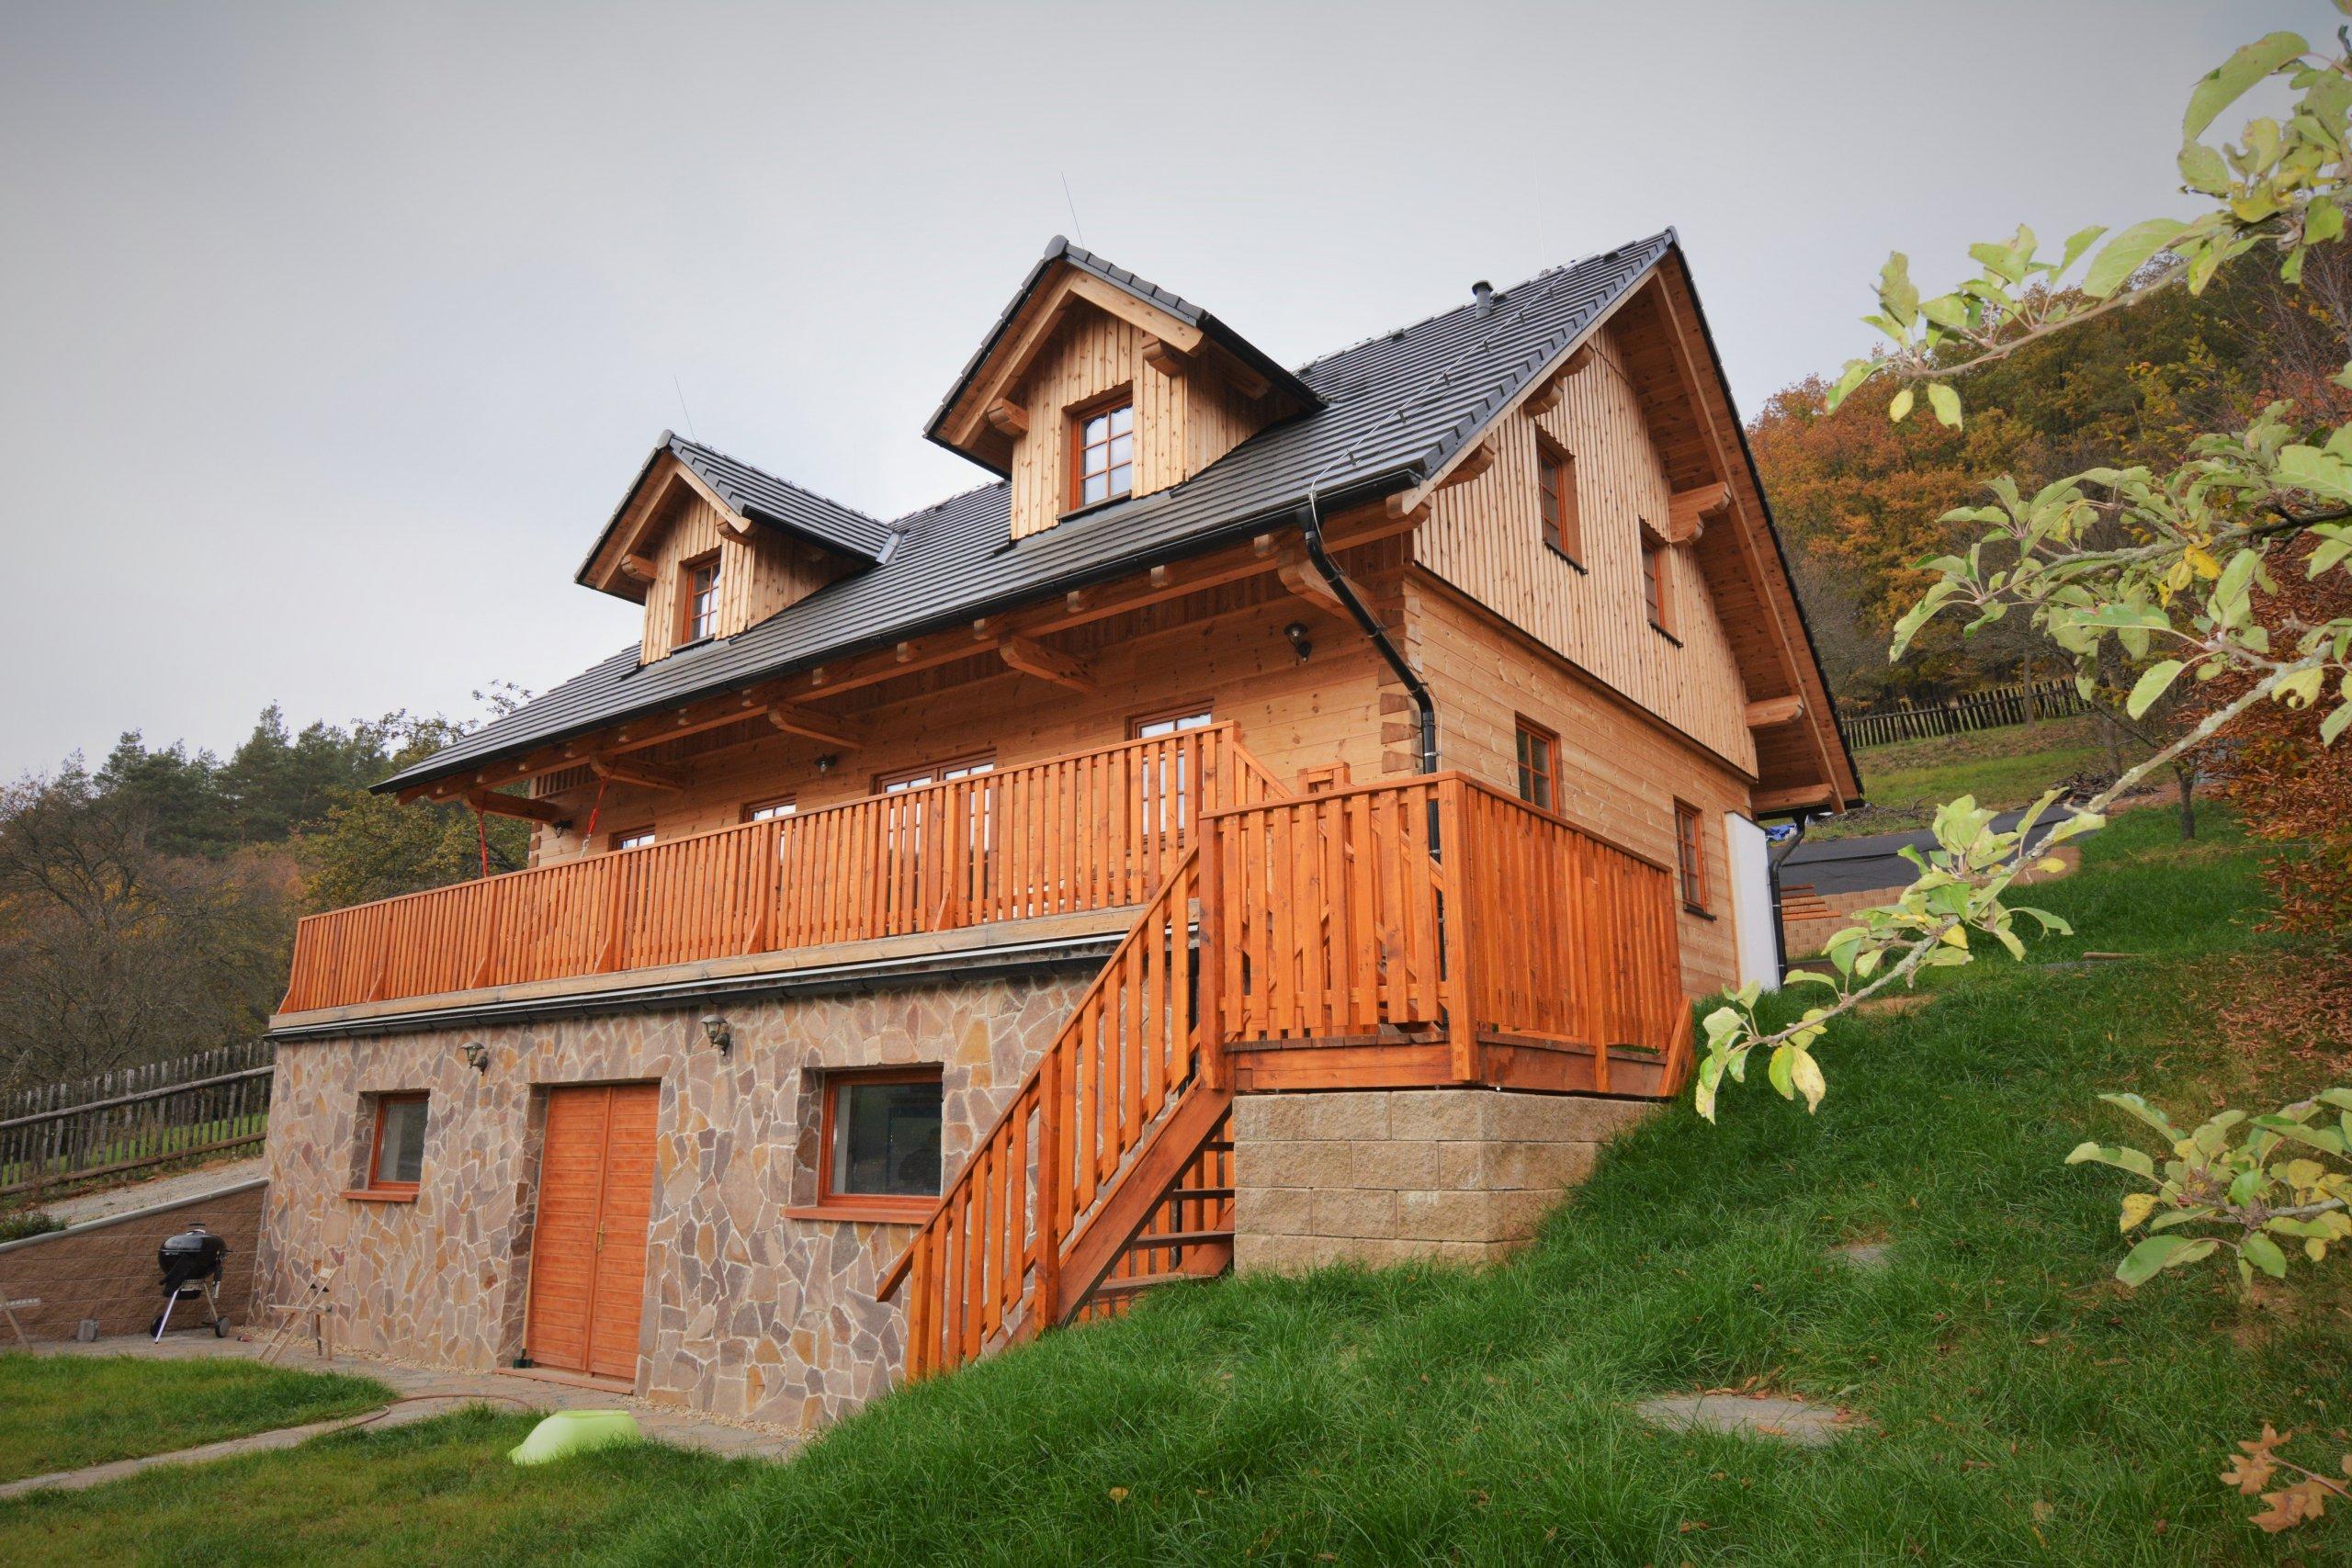 Tato z části podsklepená poloroubenka z borovice slouží k trvalému bydlení. Obvodový plášť je vyhotoven z vysušených borovicových BSH hranolů a zdících tvárnic…